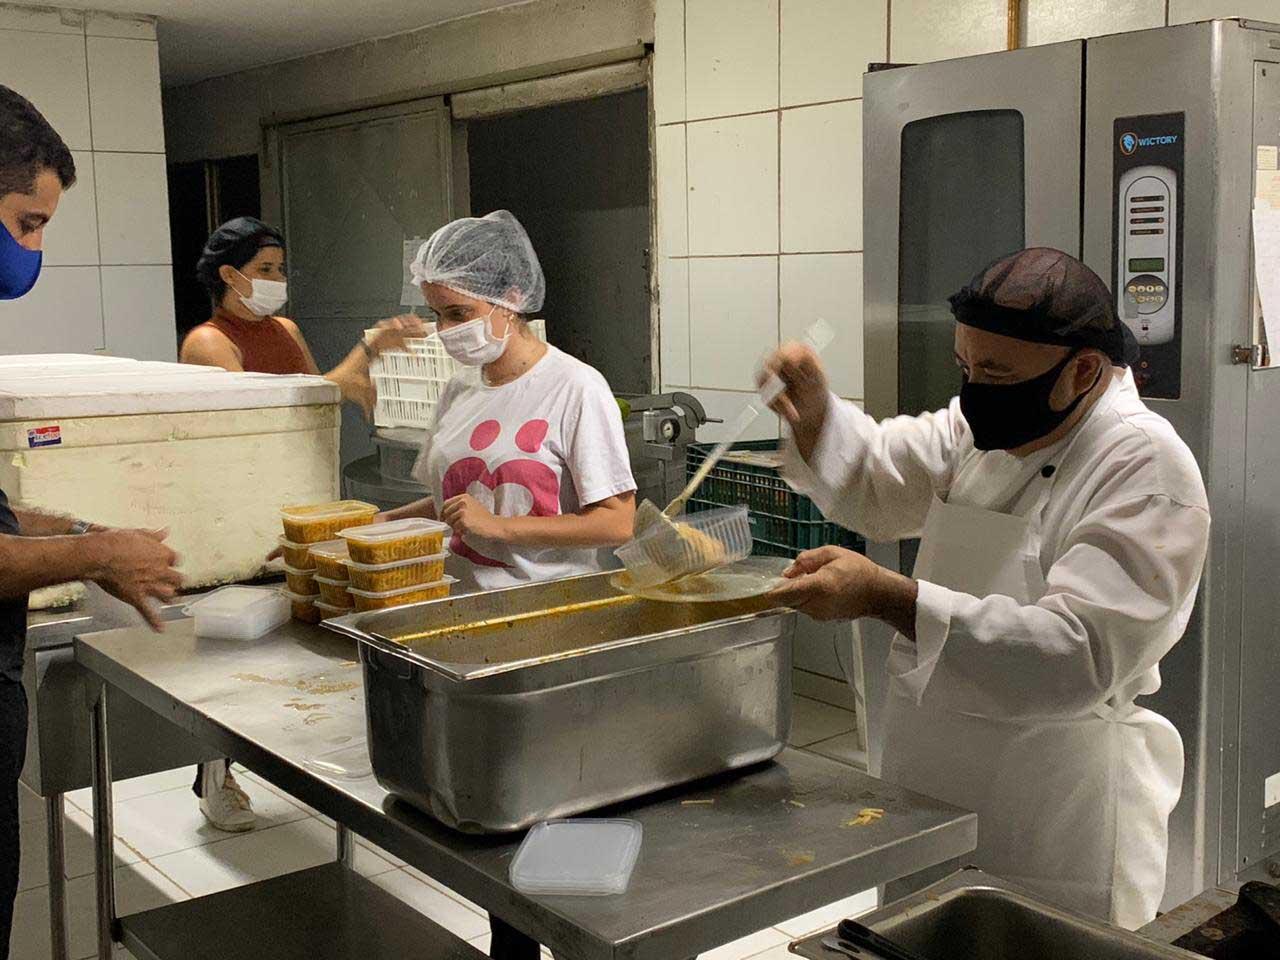 Em vez de usar cupons de desconto, influenciadora doa refeições a moradores de rua e crianças com câncer 2